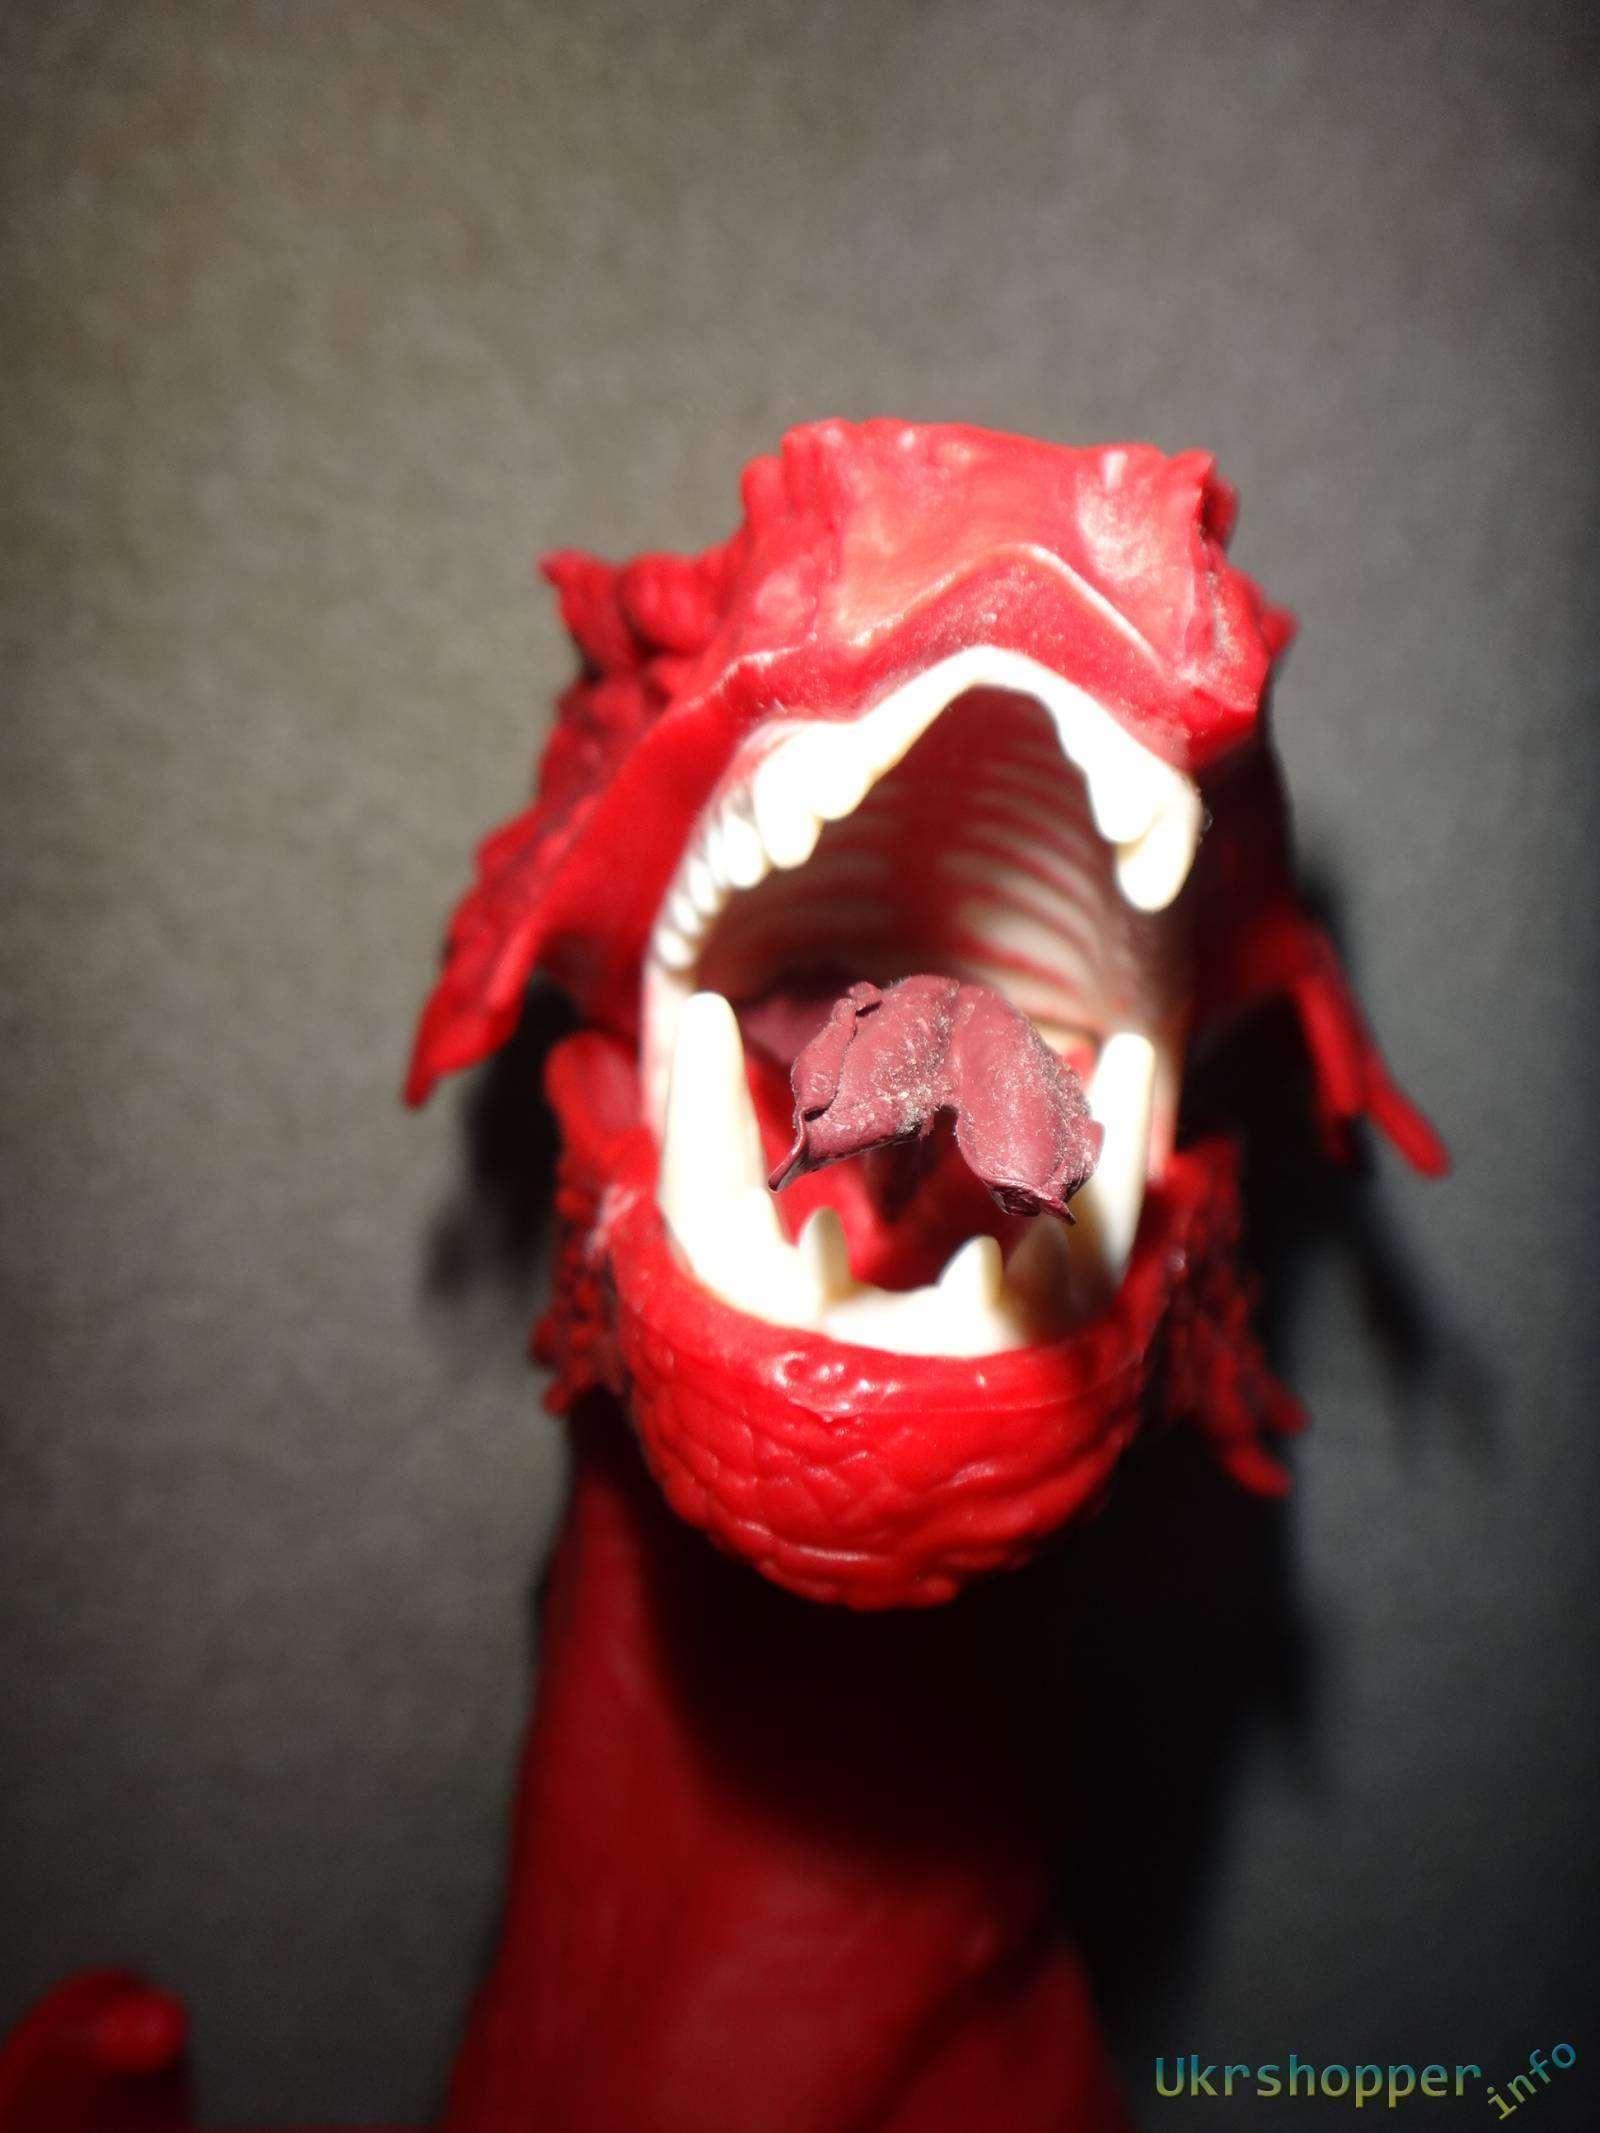 Amazon: Обзор большого дракона на радиоуправлении